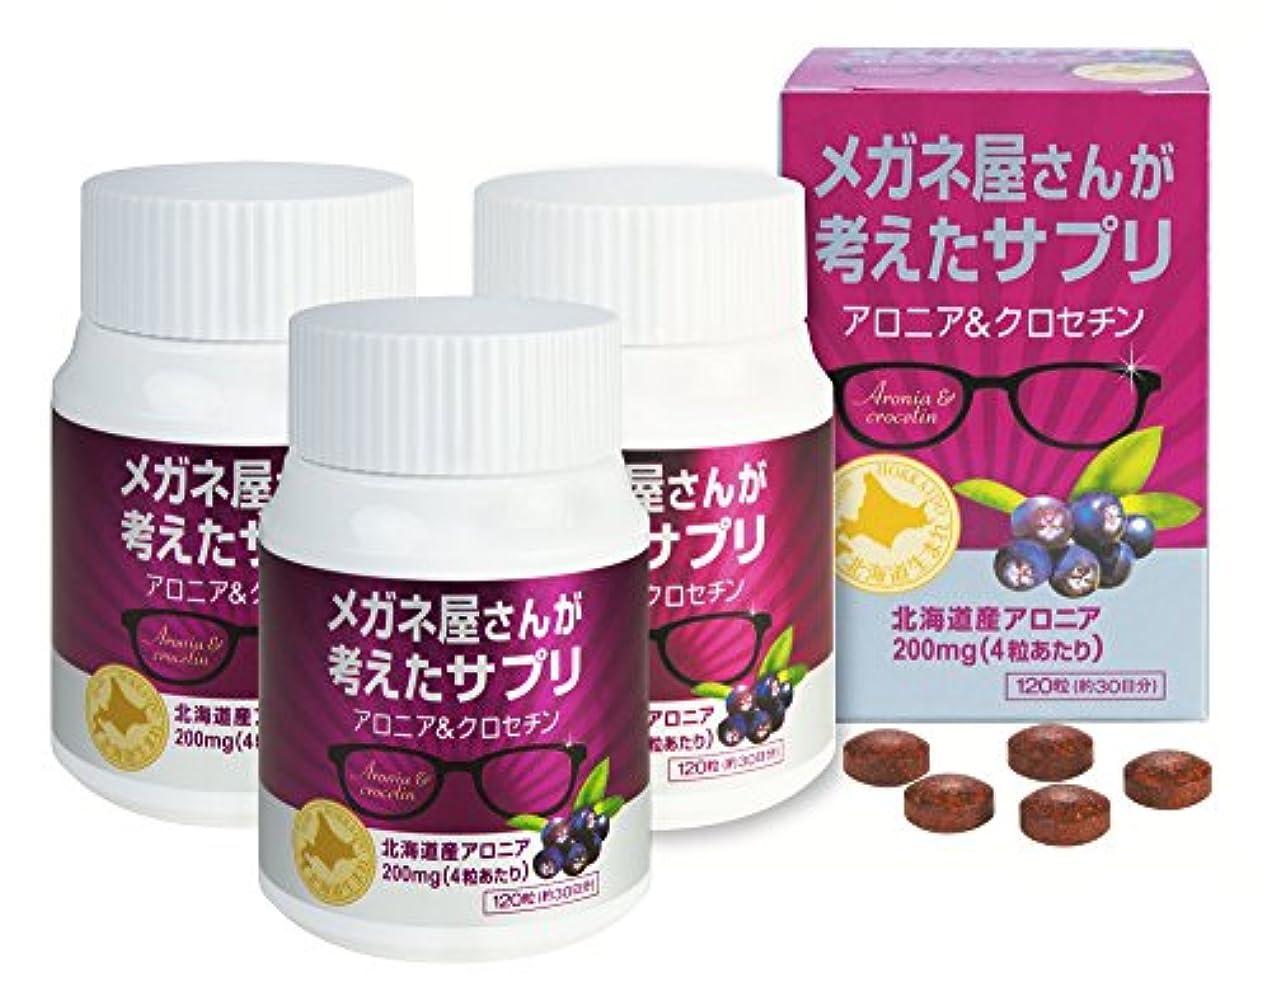 セメントビジネス紫のシオジリプラス メガネ屋さんが考えたサプリ アロニア&クロセチン 1ヶ月分ボトル 250mg 120粒 3個セット